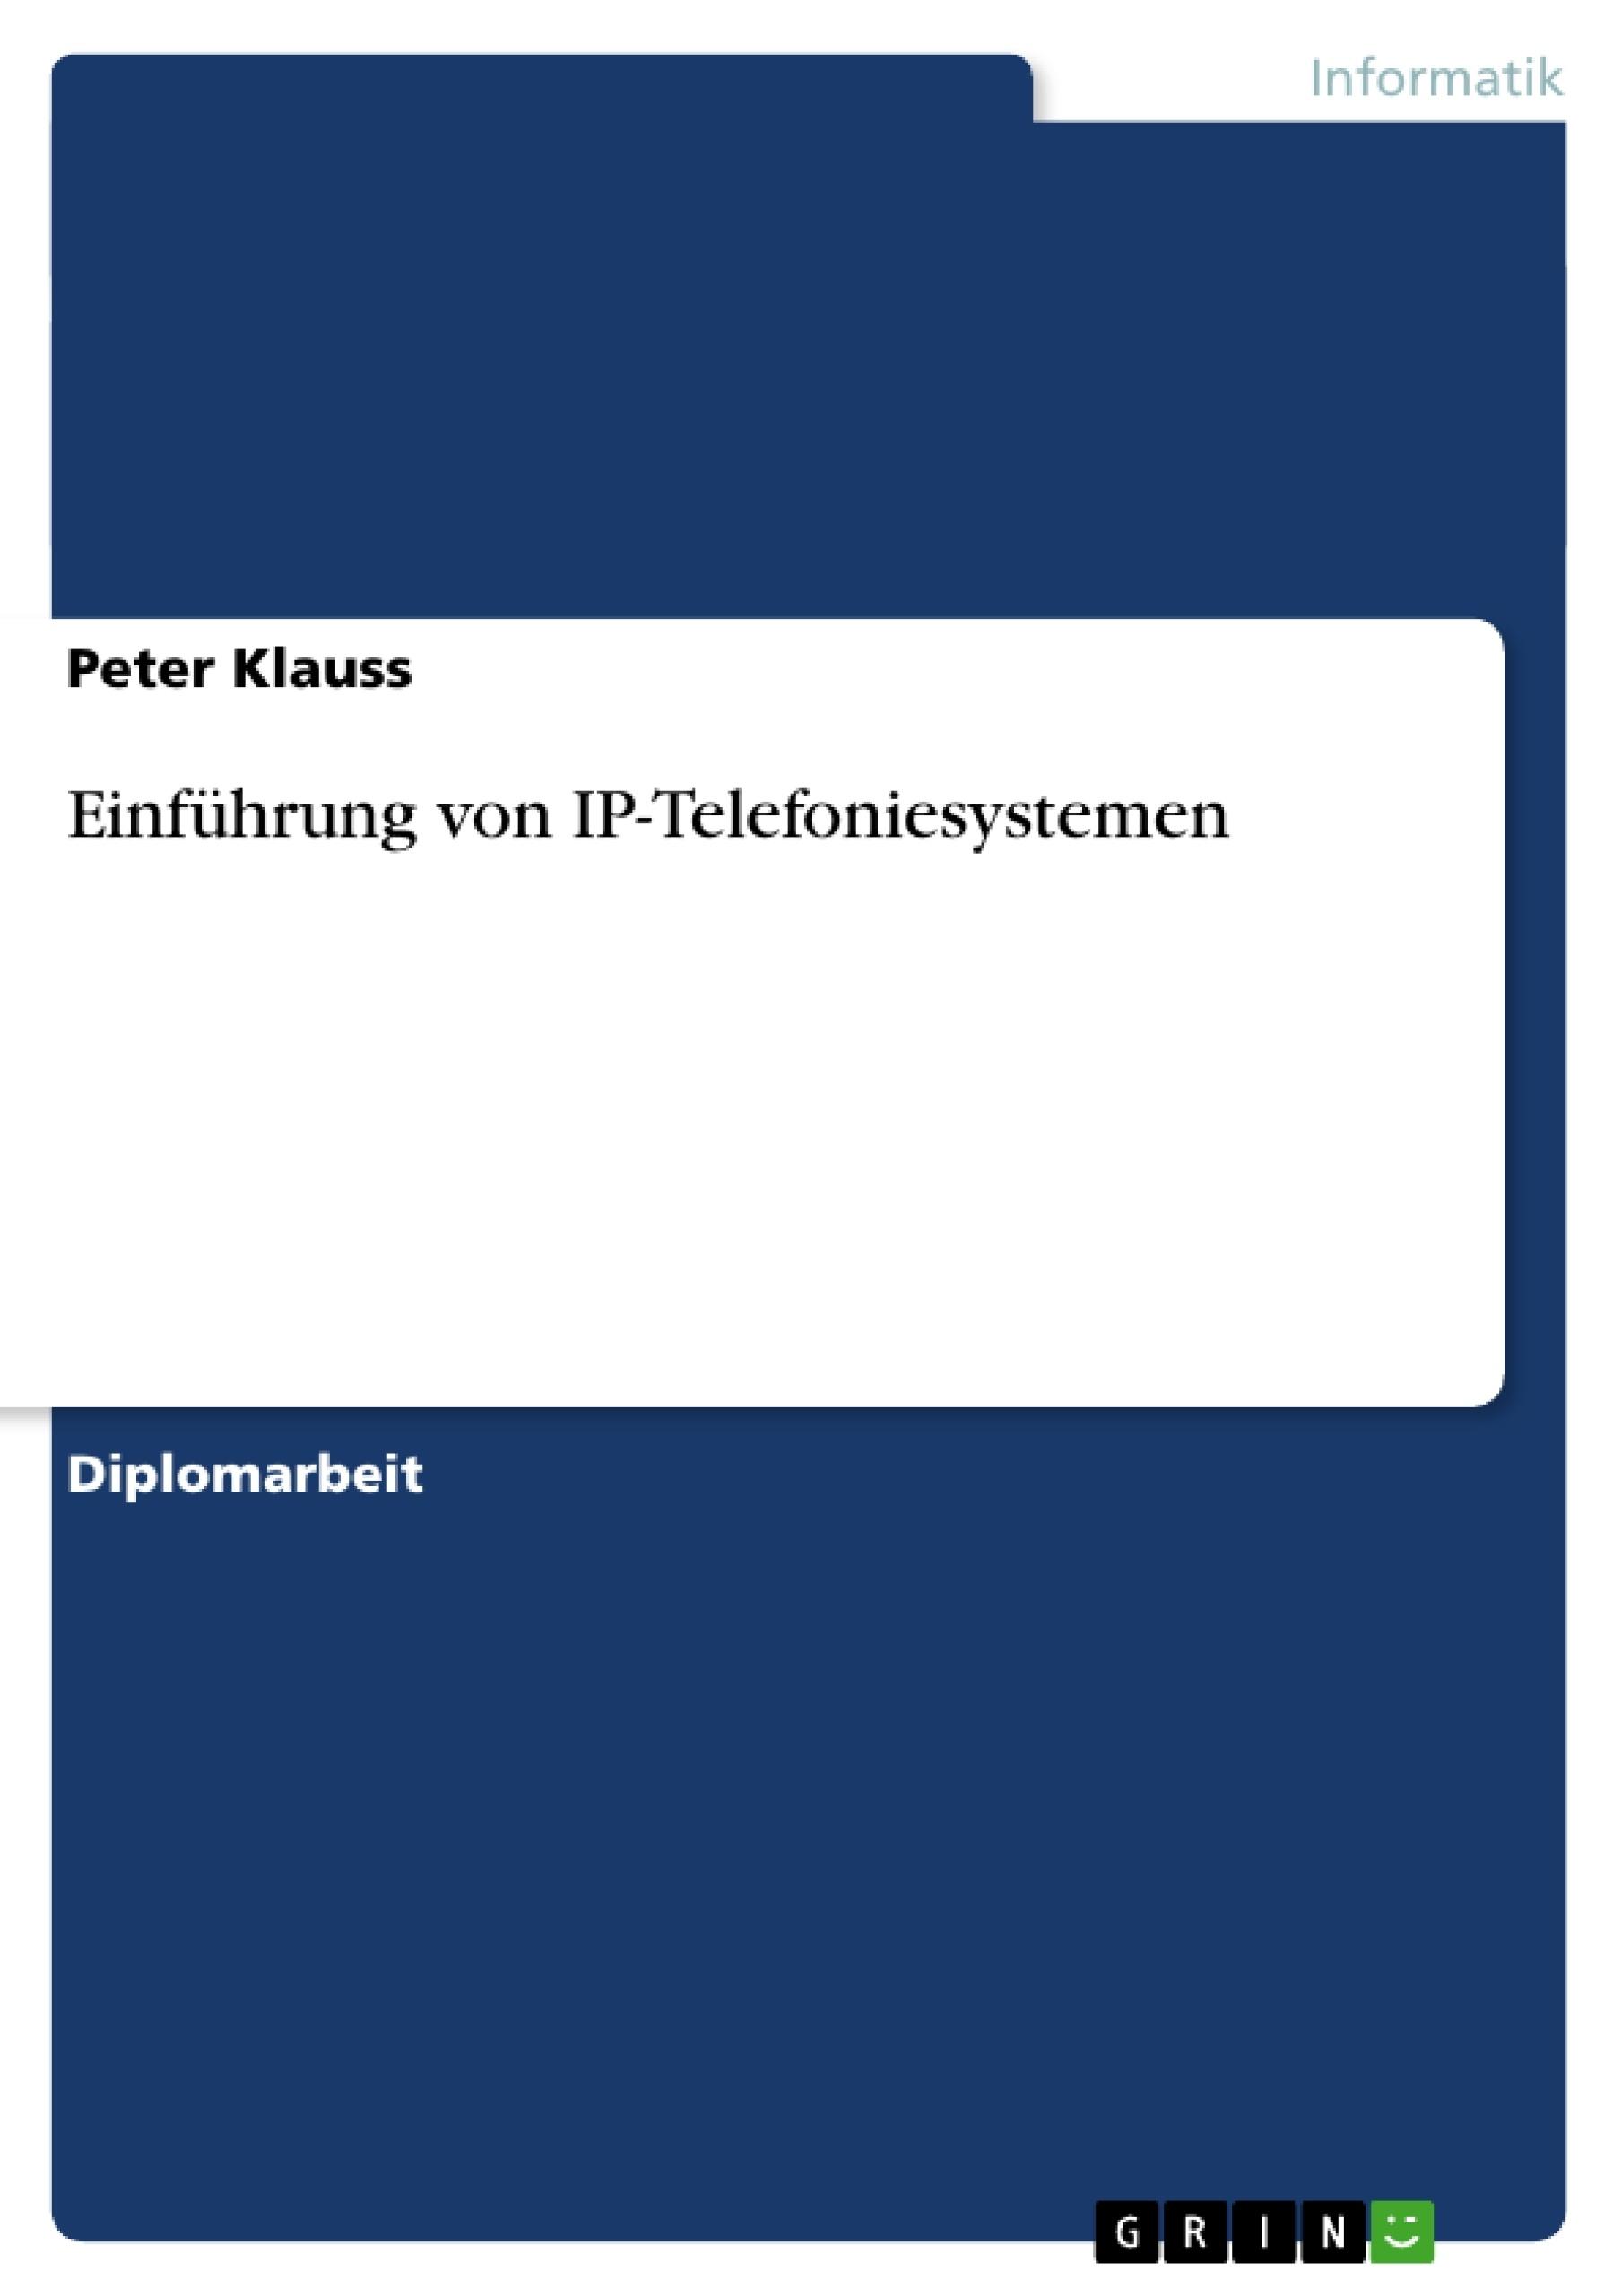 Titel: Einführung von IP-Telefoniesystemen